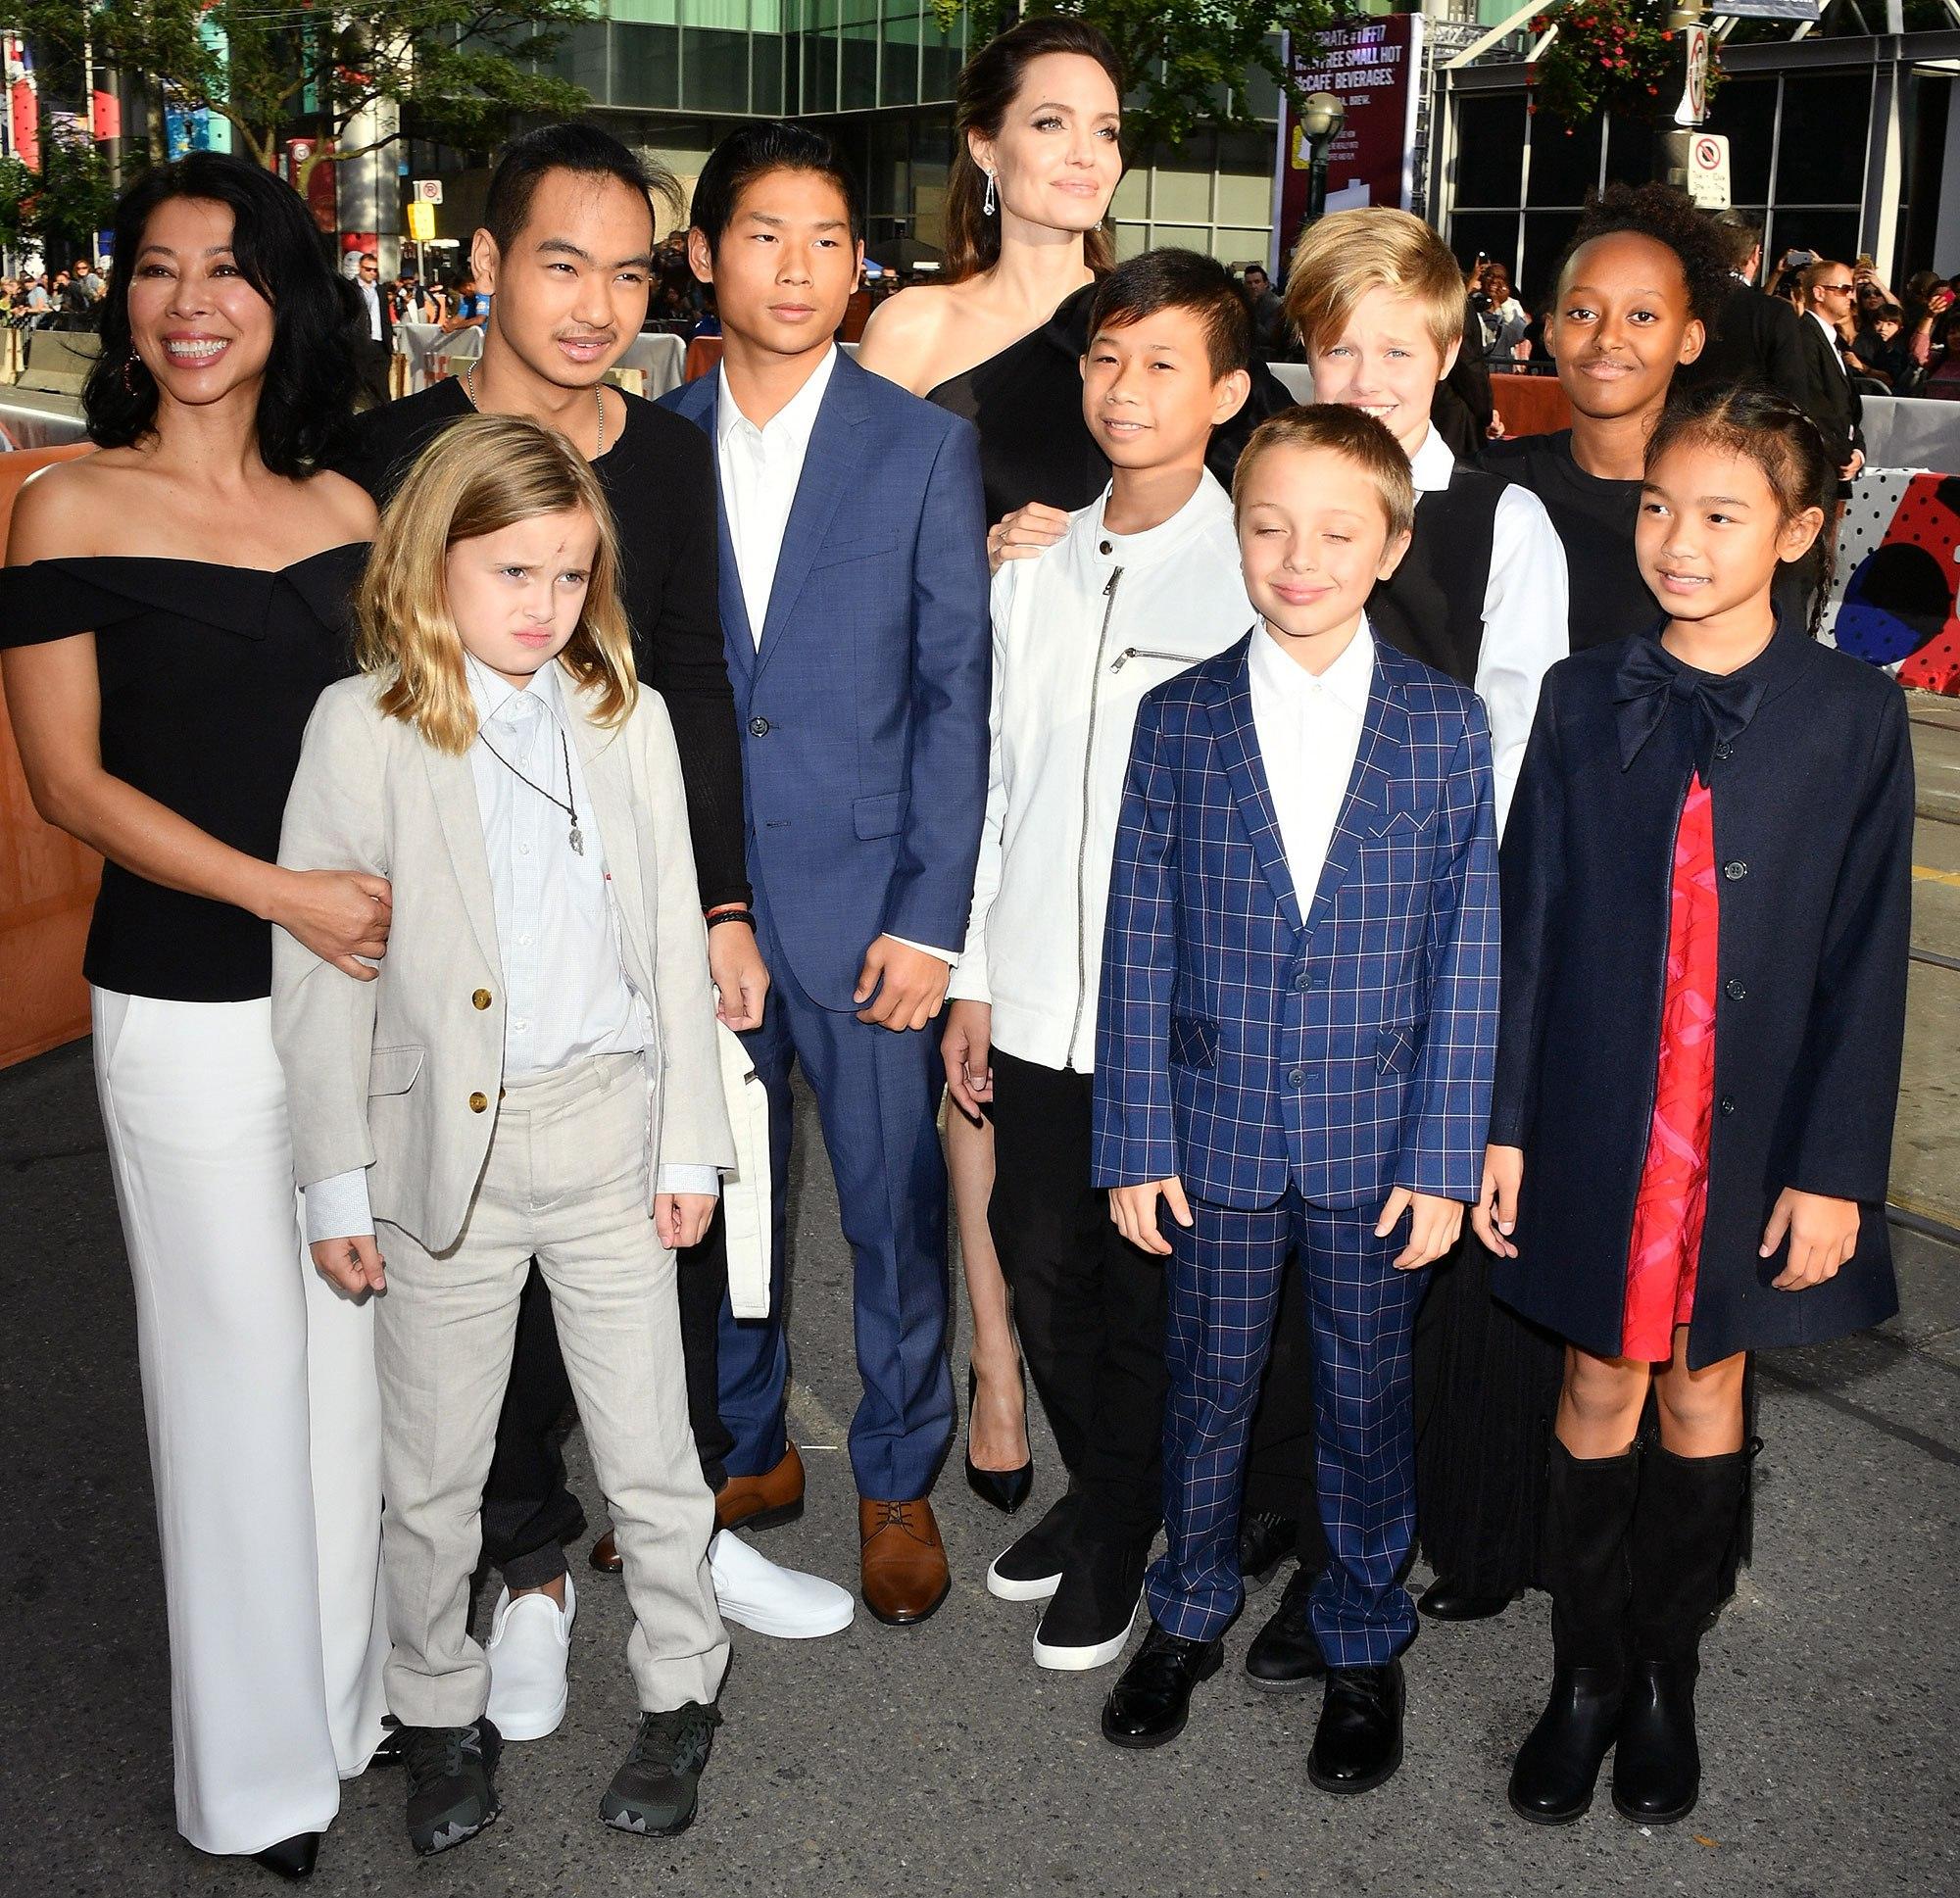 Phải chăng Angelina Jolie đá đểu Brad Pitt khi nói: Chưa ai từng sát cánh bên tôi như các con? - Ảnh 2.